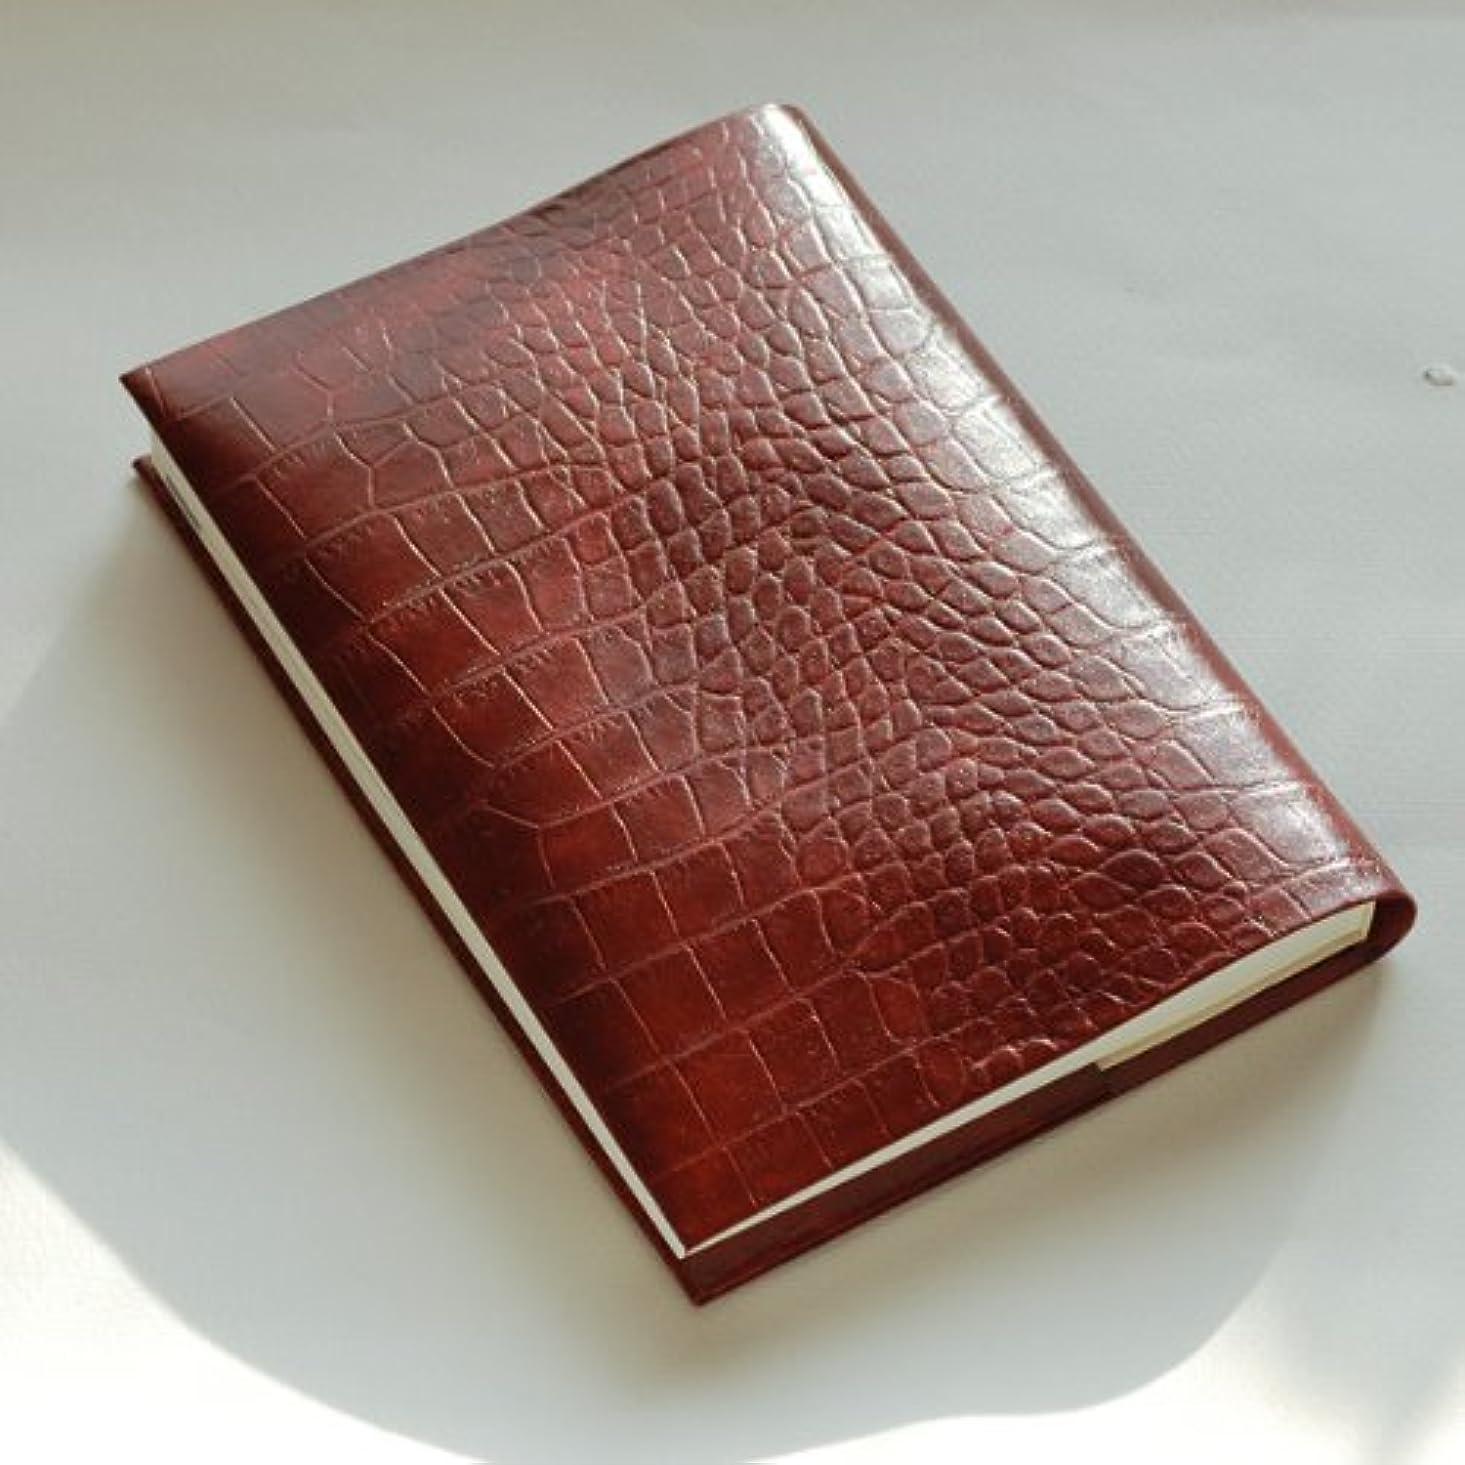 活気づくモッキンバードファイターほぼ日手帳 カズンサイズ用手帳カバー (クロコダイル型ワインレッド)